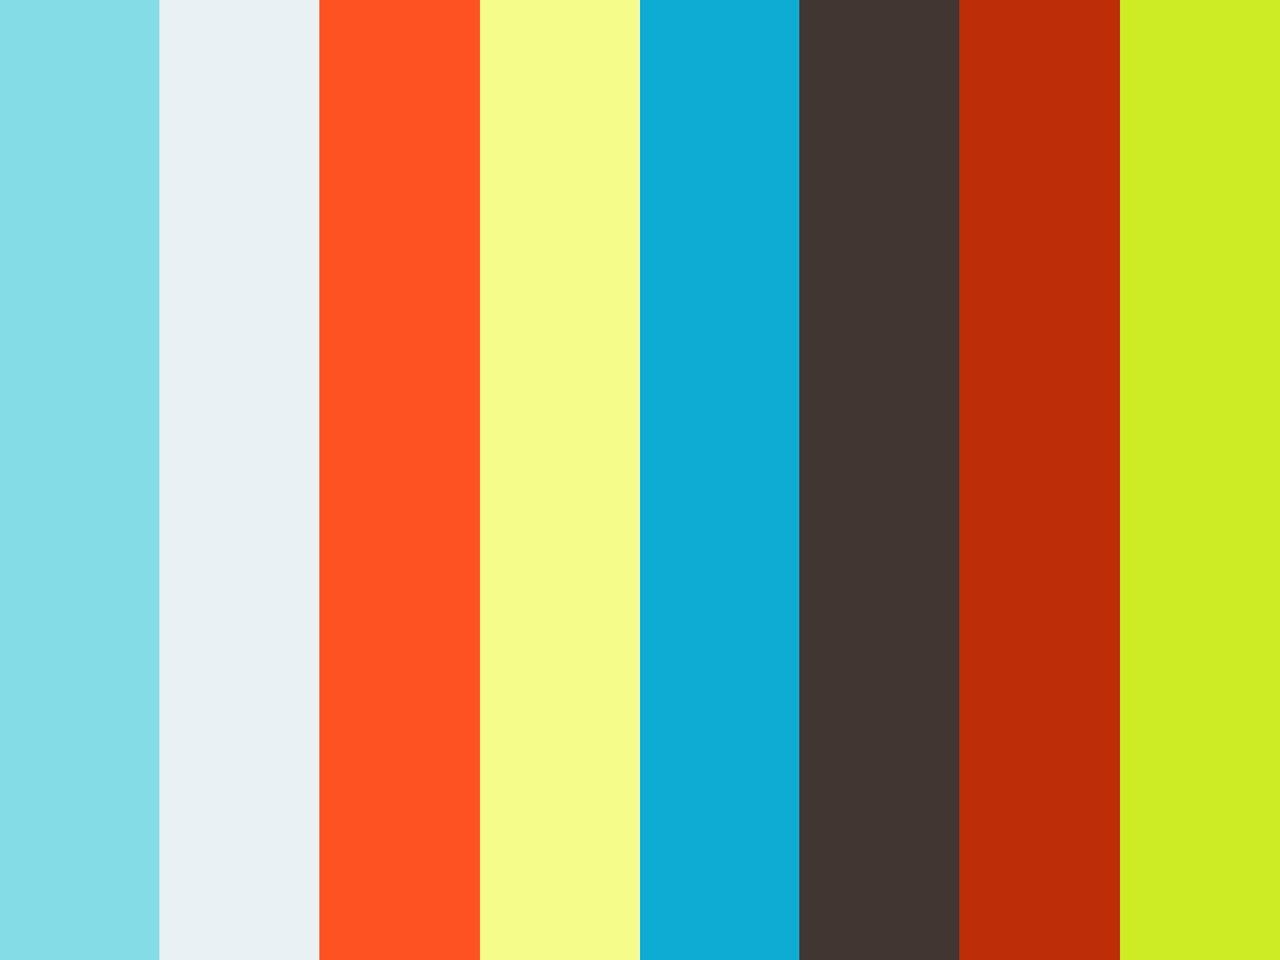 003146 - SNTV - Passages VI